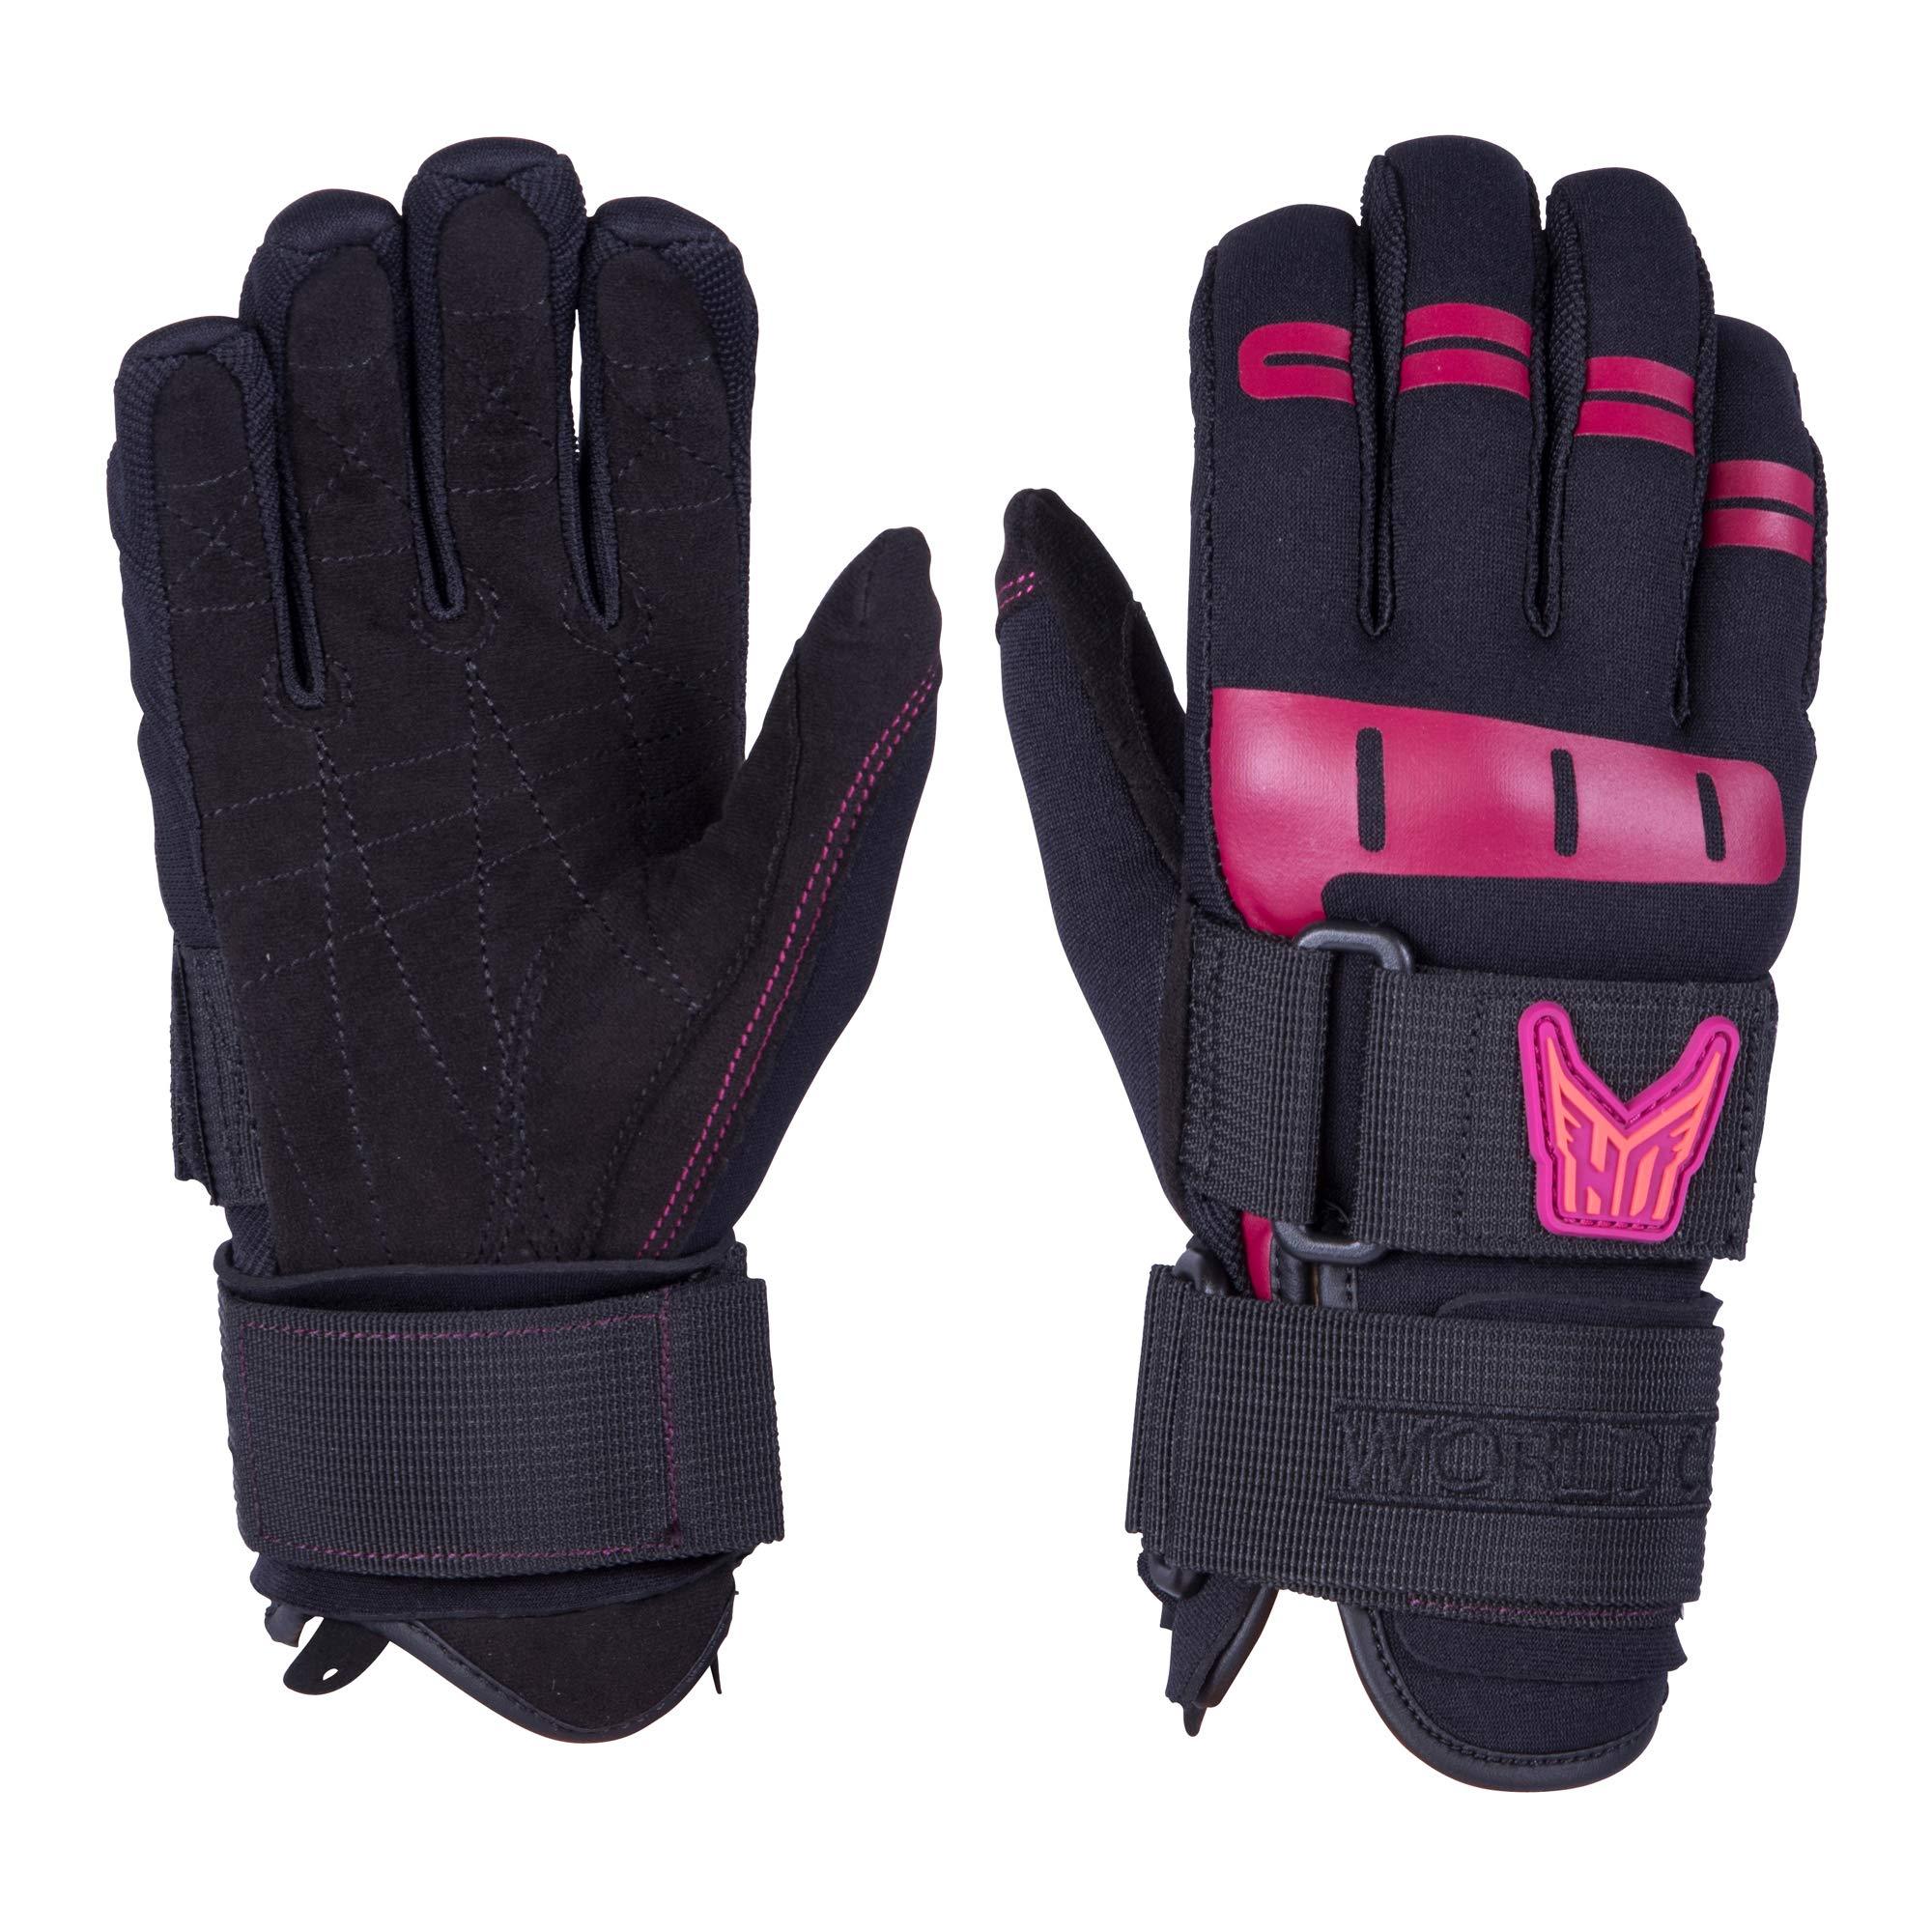 Ho Women's World Cup Waterski Gloves Black (L) by HO Sports